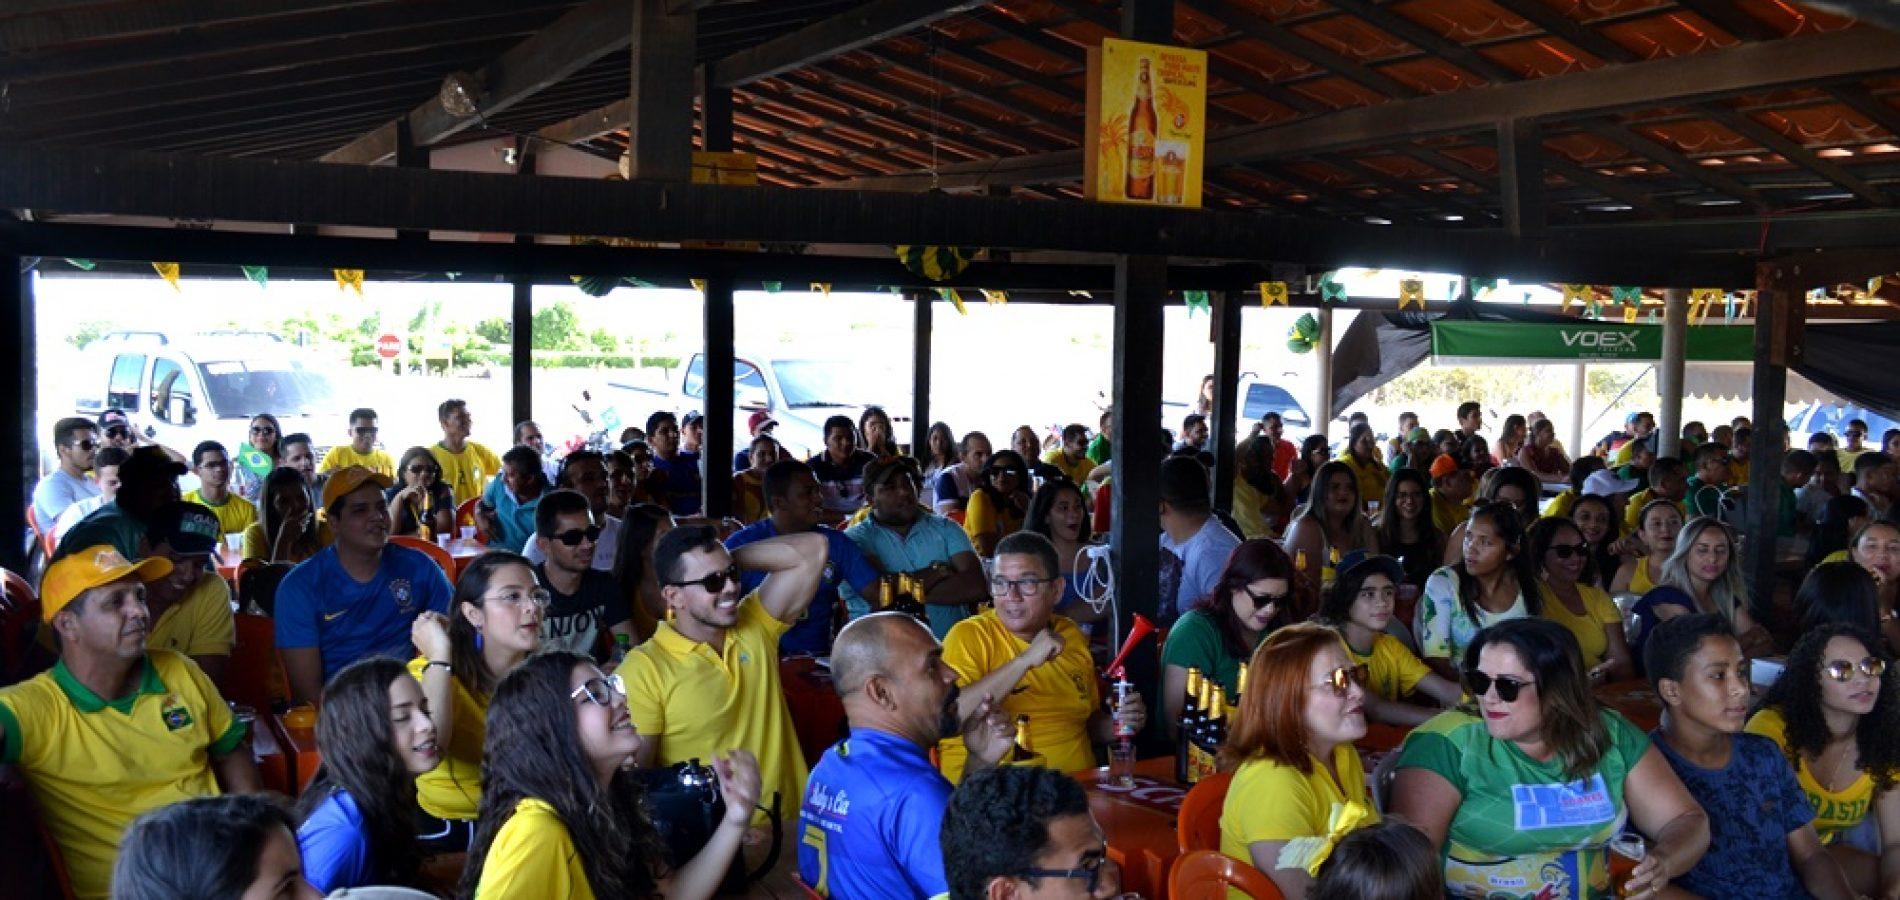 Torcida lota o Restaurante Tem Tempero para assistir ao jogo do Brasil na Copa; Veja fotos